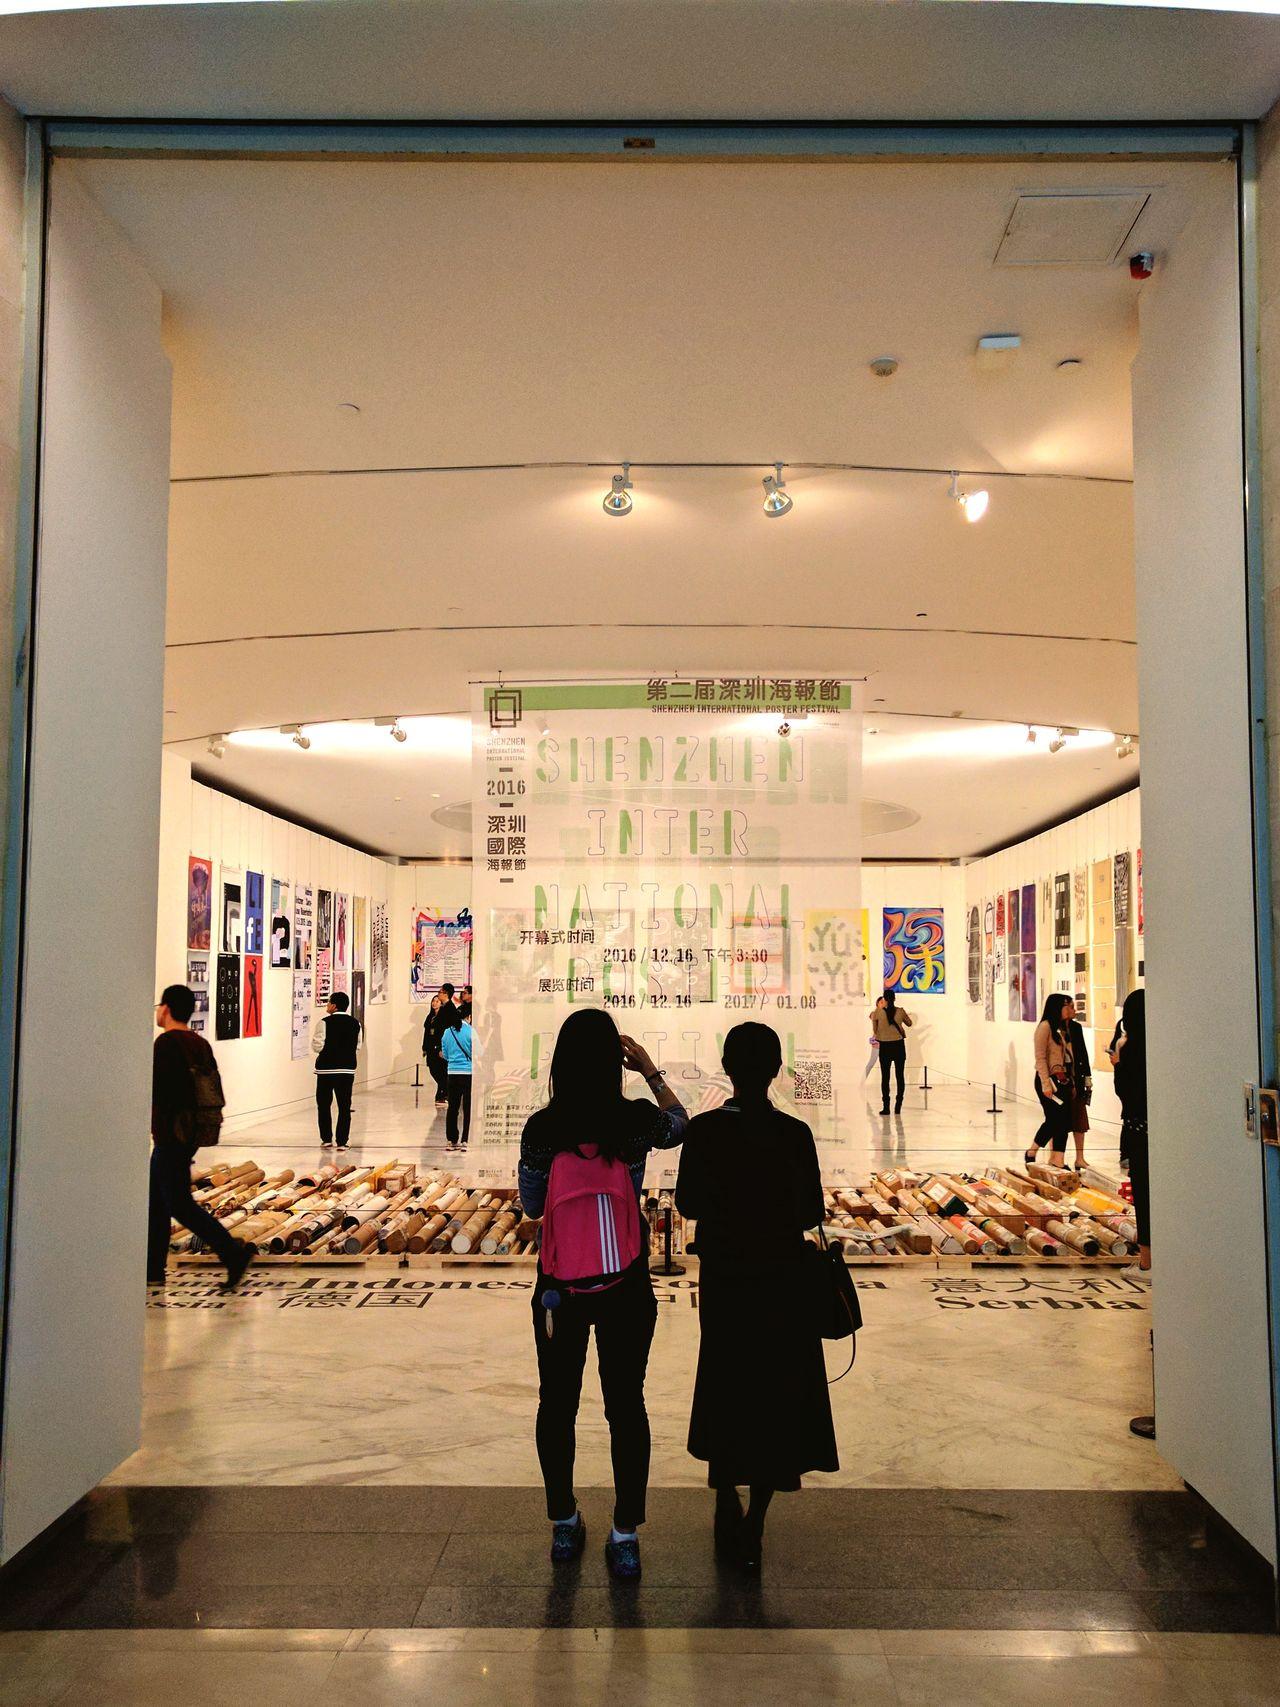 Two People Exhabition Museum ArtWork Art Gallery Beautiful Girls  Door Friends